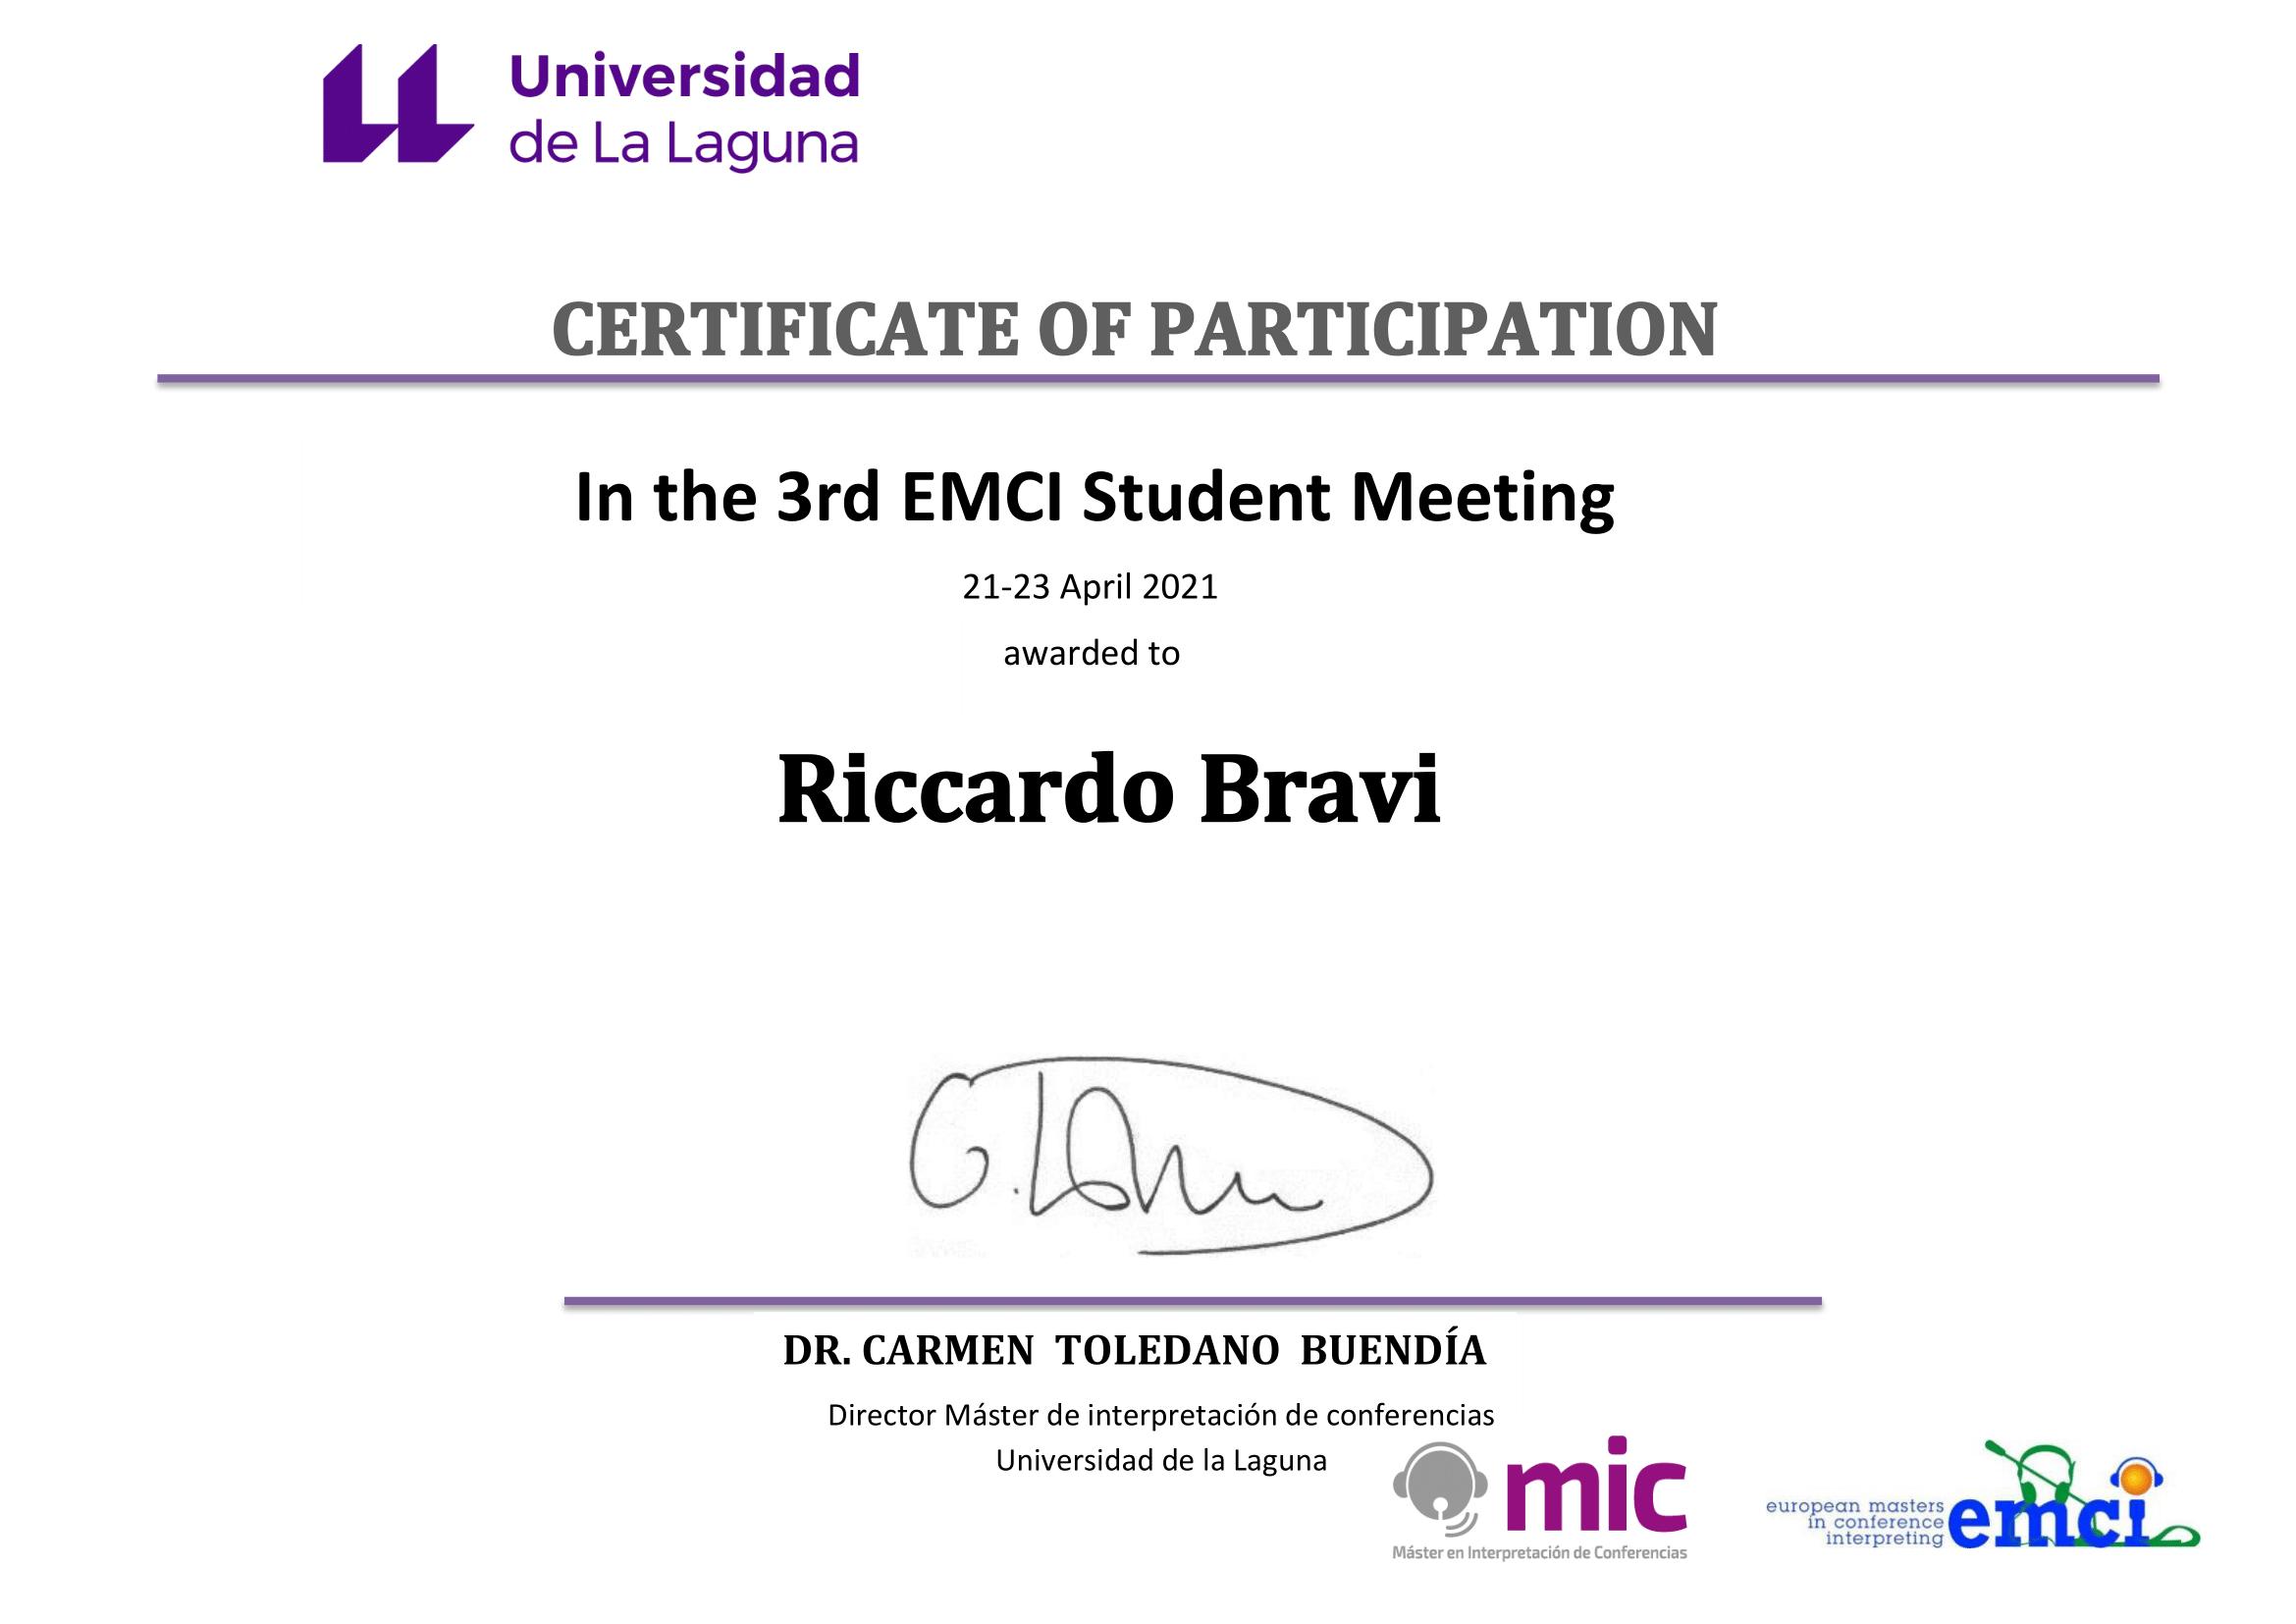 Attestato di partecipazione EMCI Student Meeting